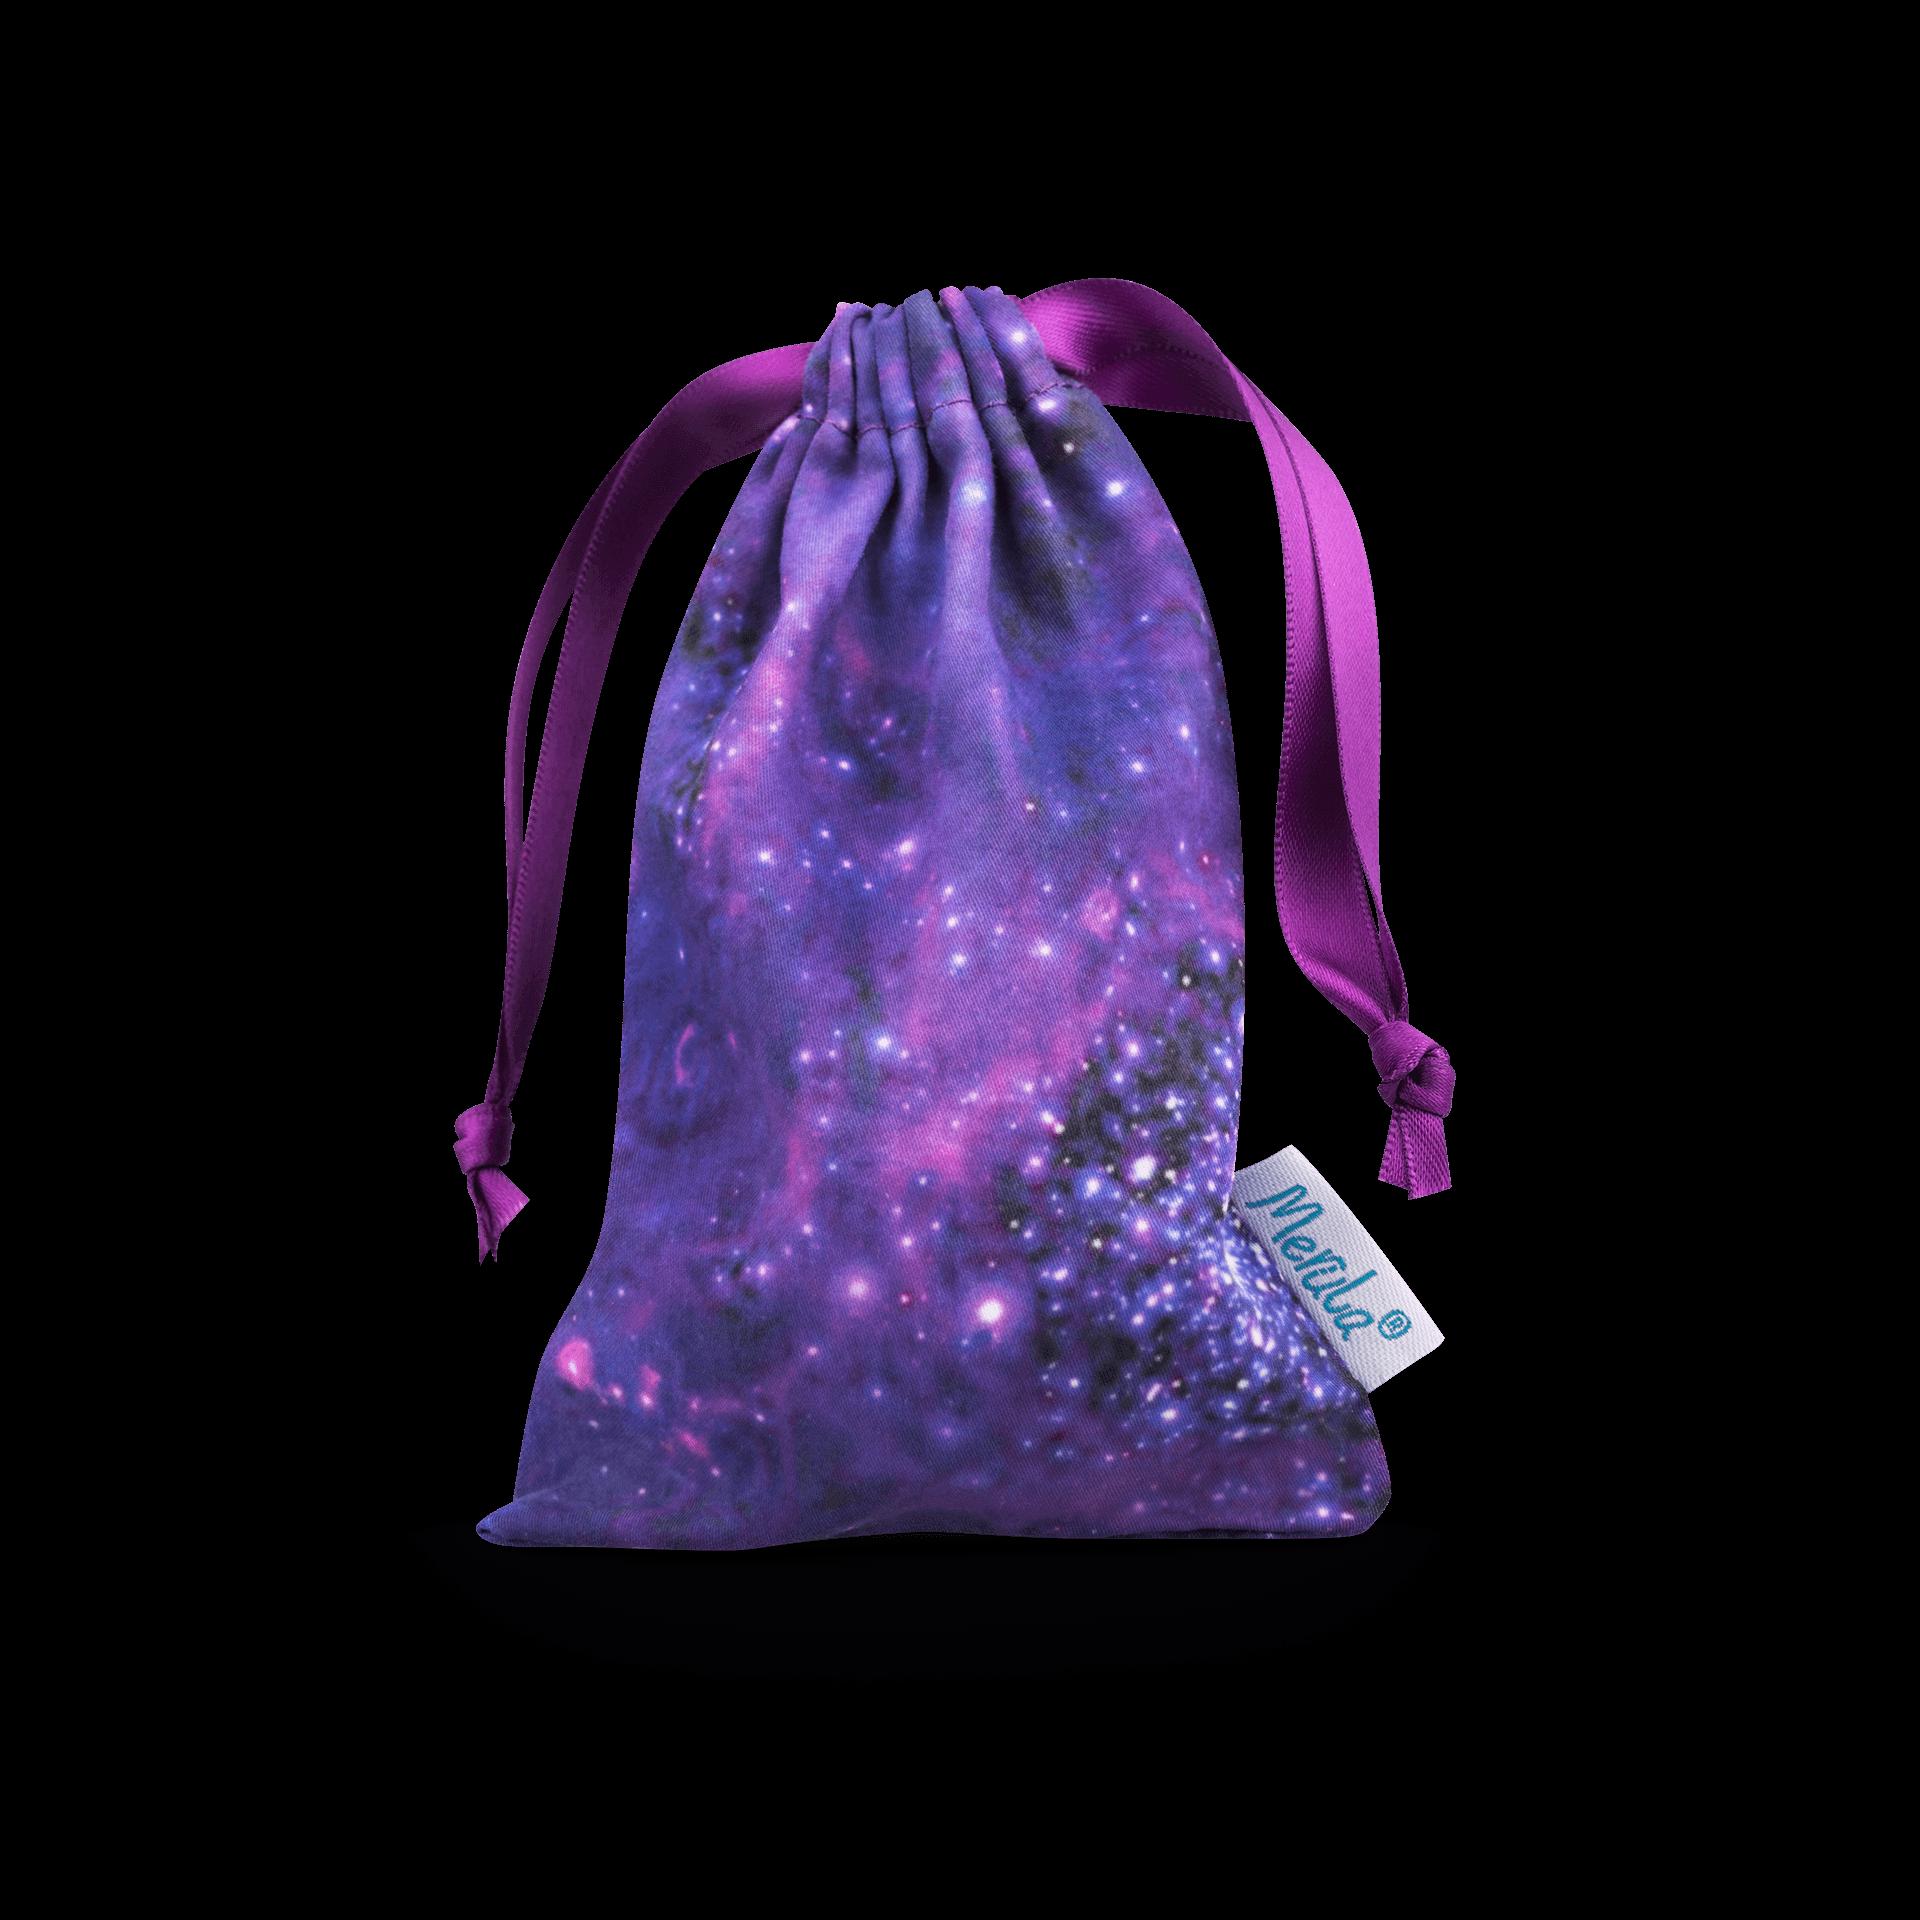 Merula Cup galaxy 1